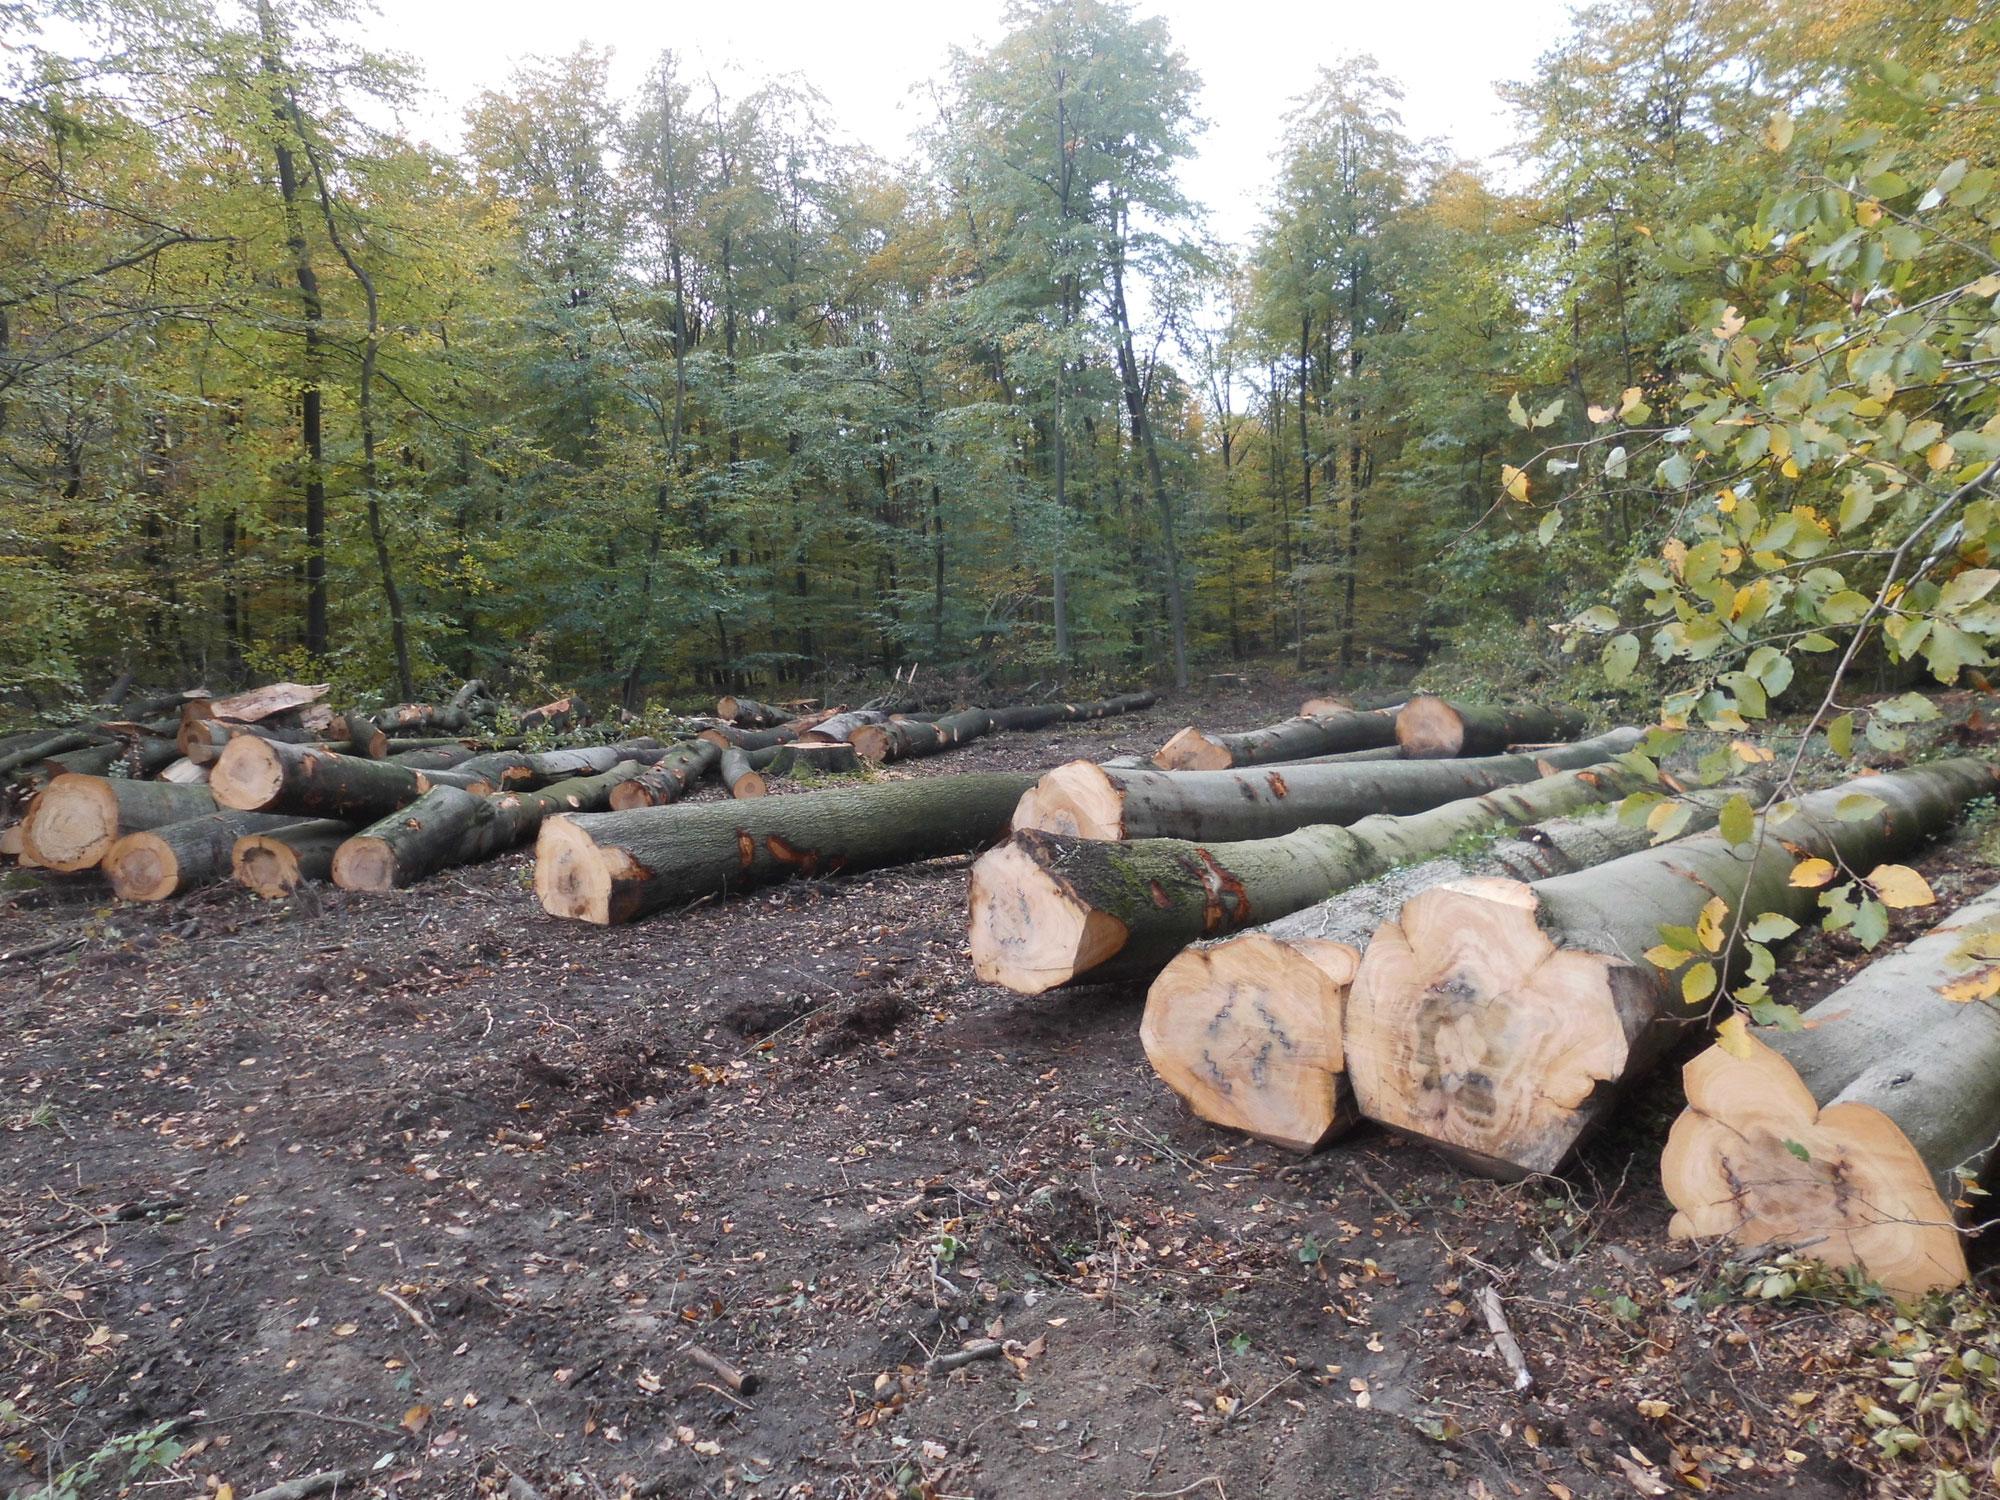 NRW-Münsterland: Die berechtigten Sorgen der Bürger um ihre Wälder